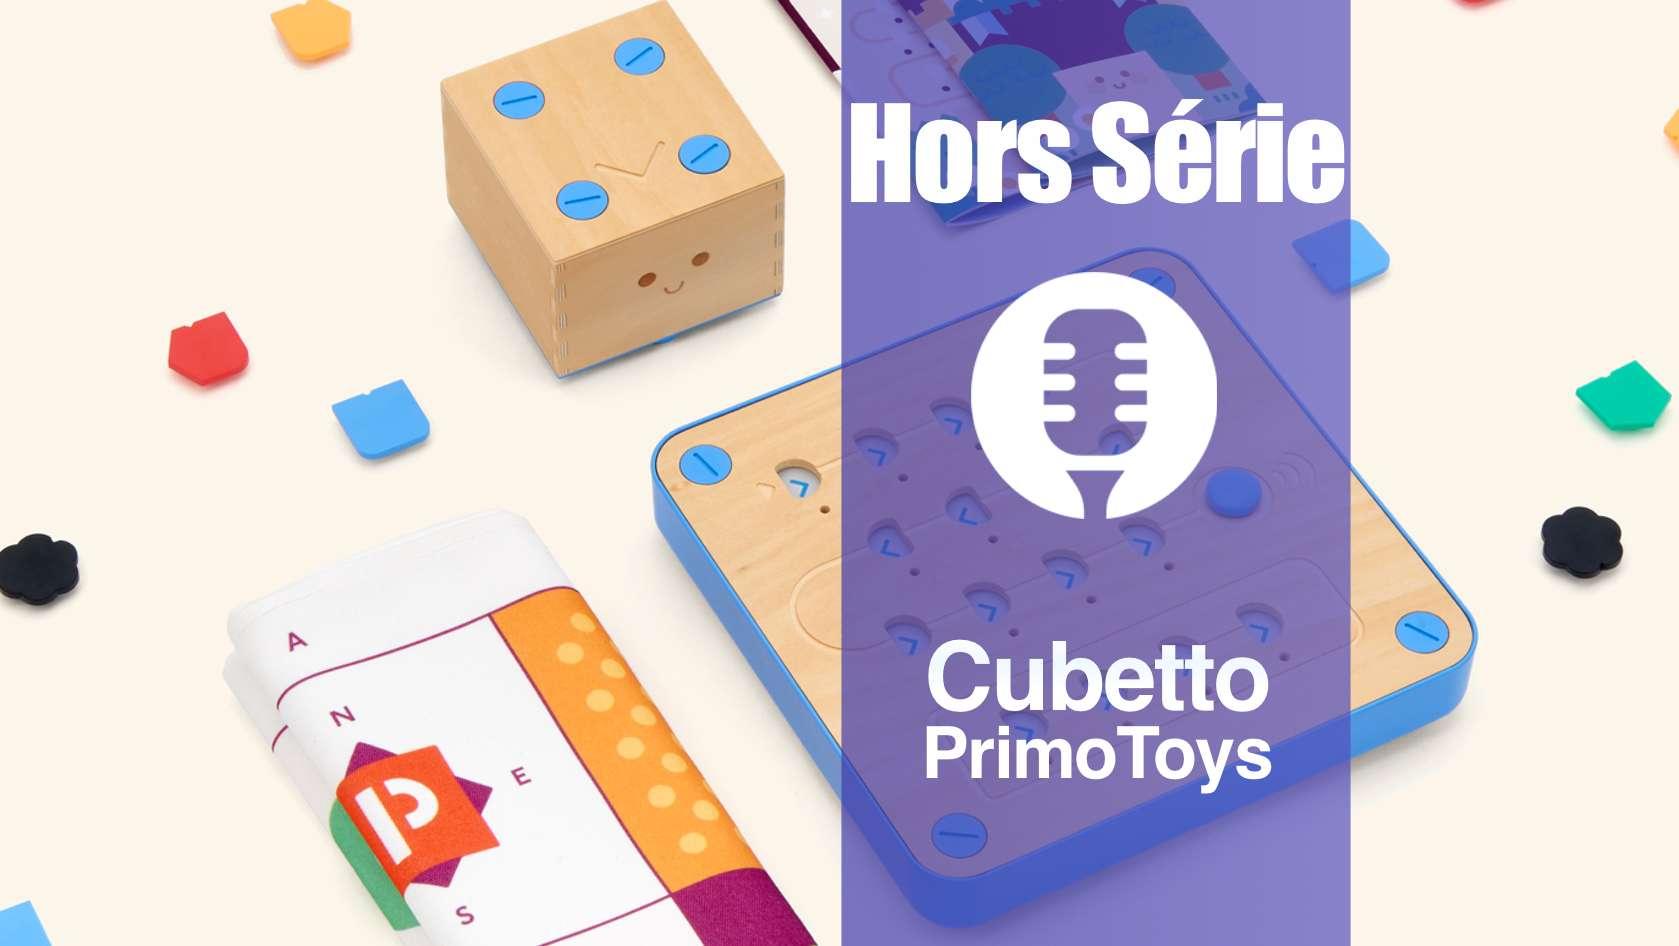 Cubetto de PrimoToys: les bases de la programmation dès le plus jeune âge !